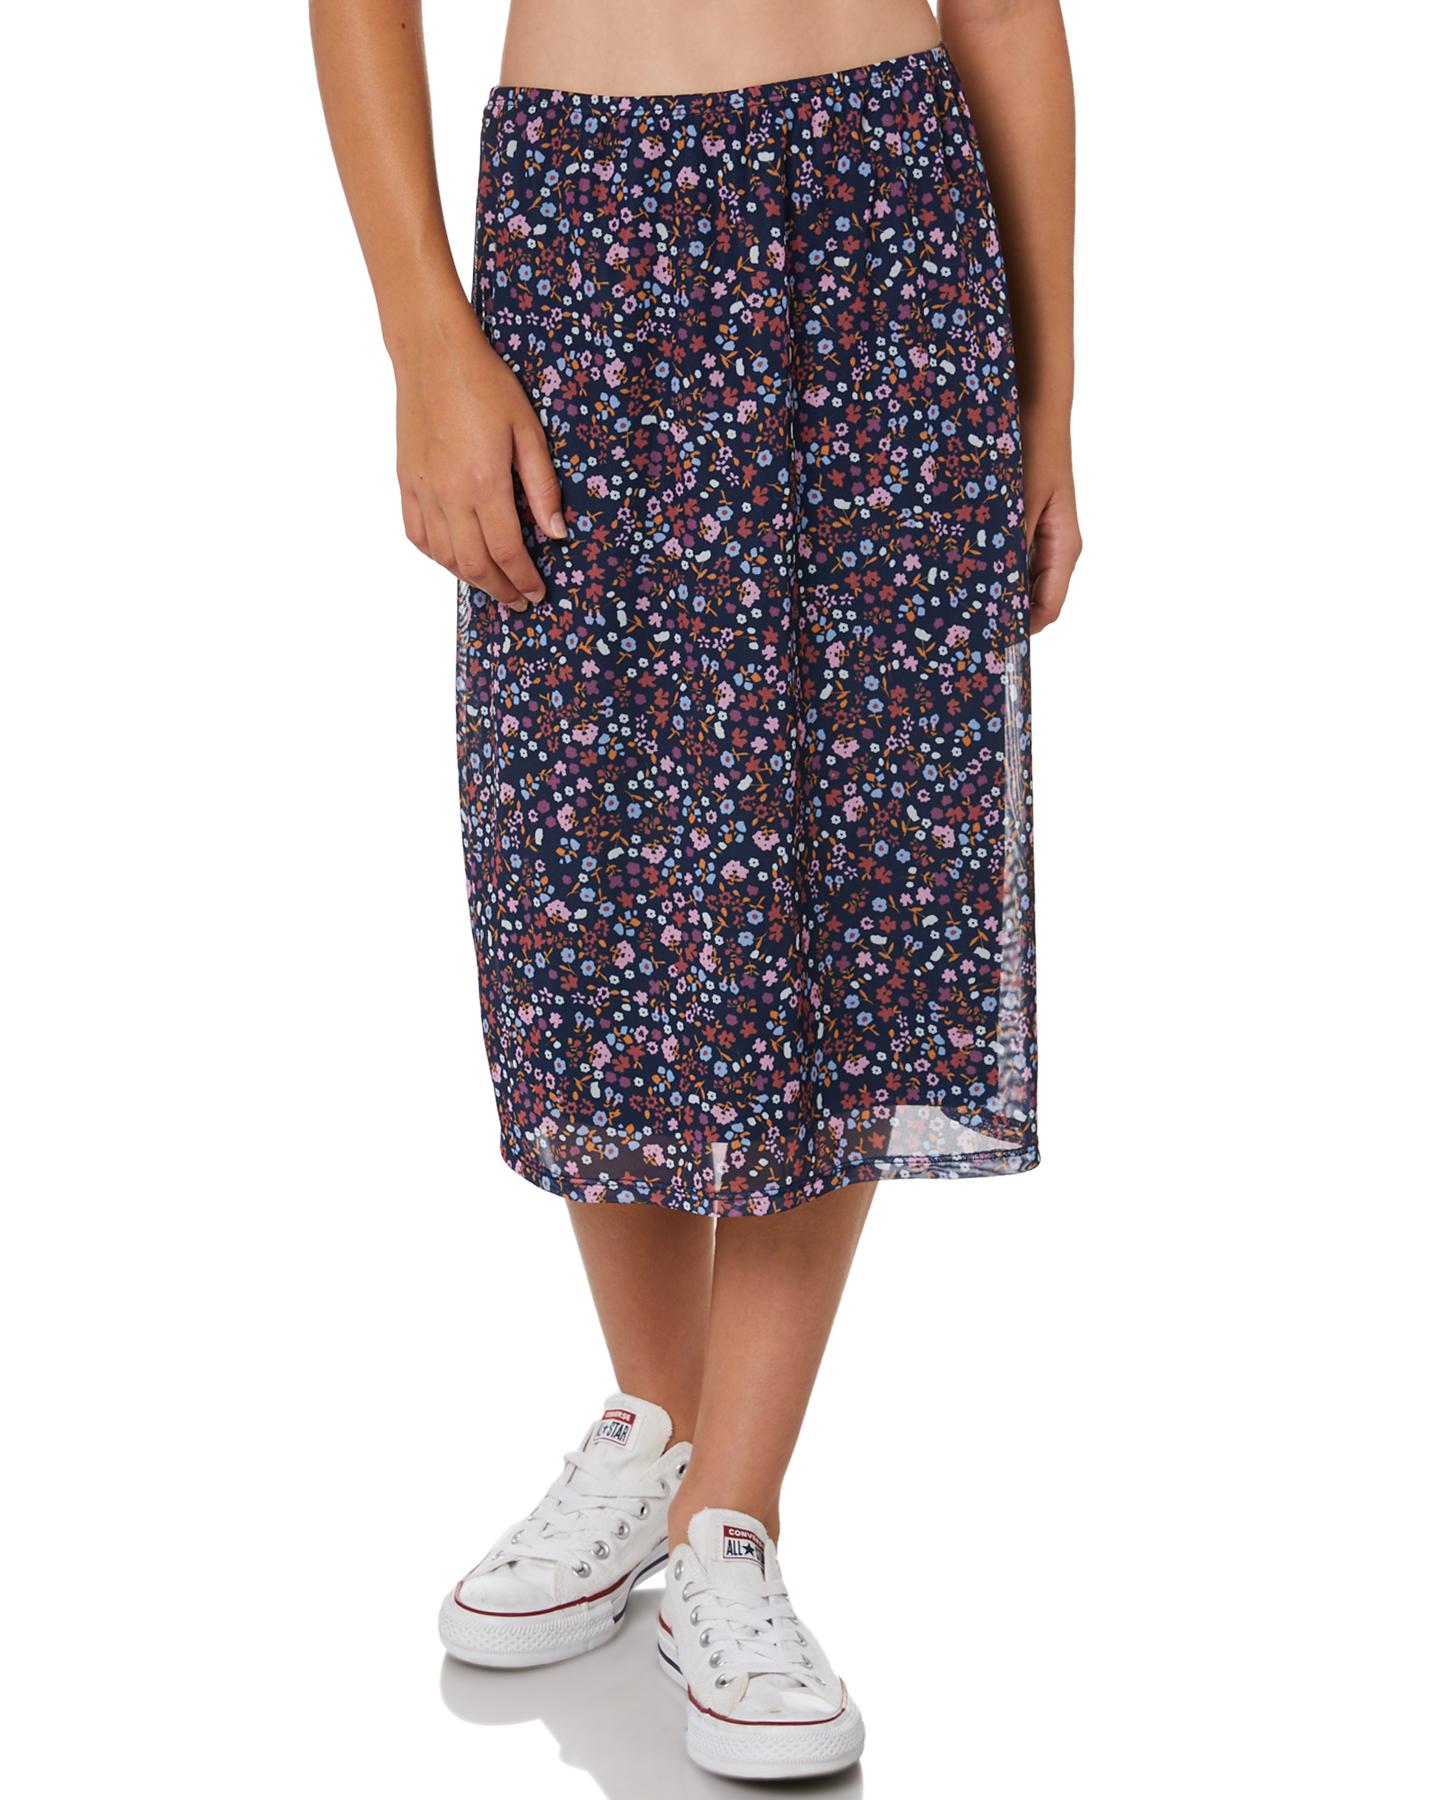 Eves Sister Girls Blossom Mesh Skirt - Teen Print